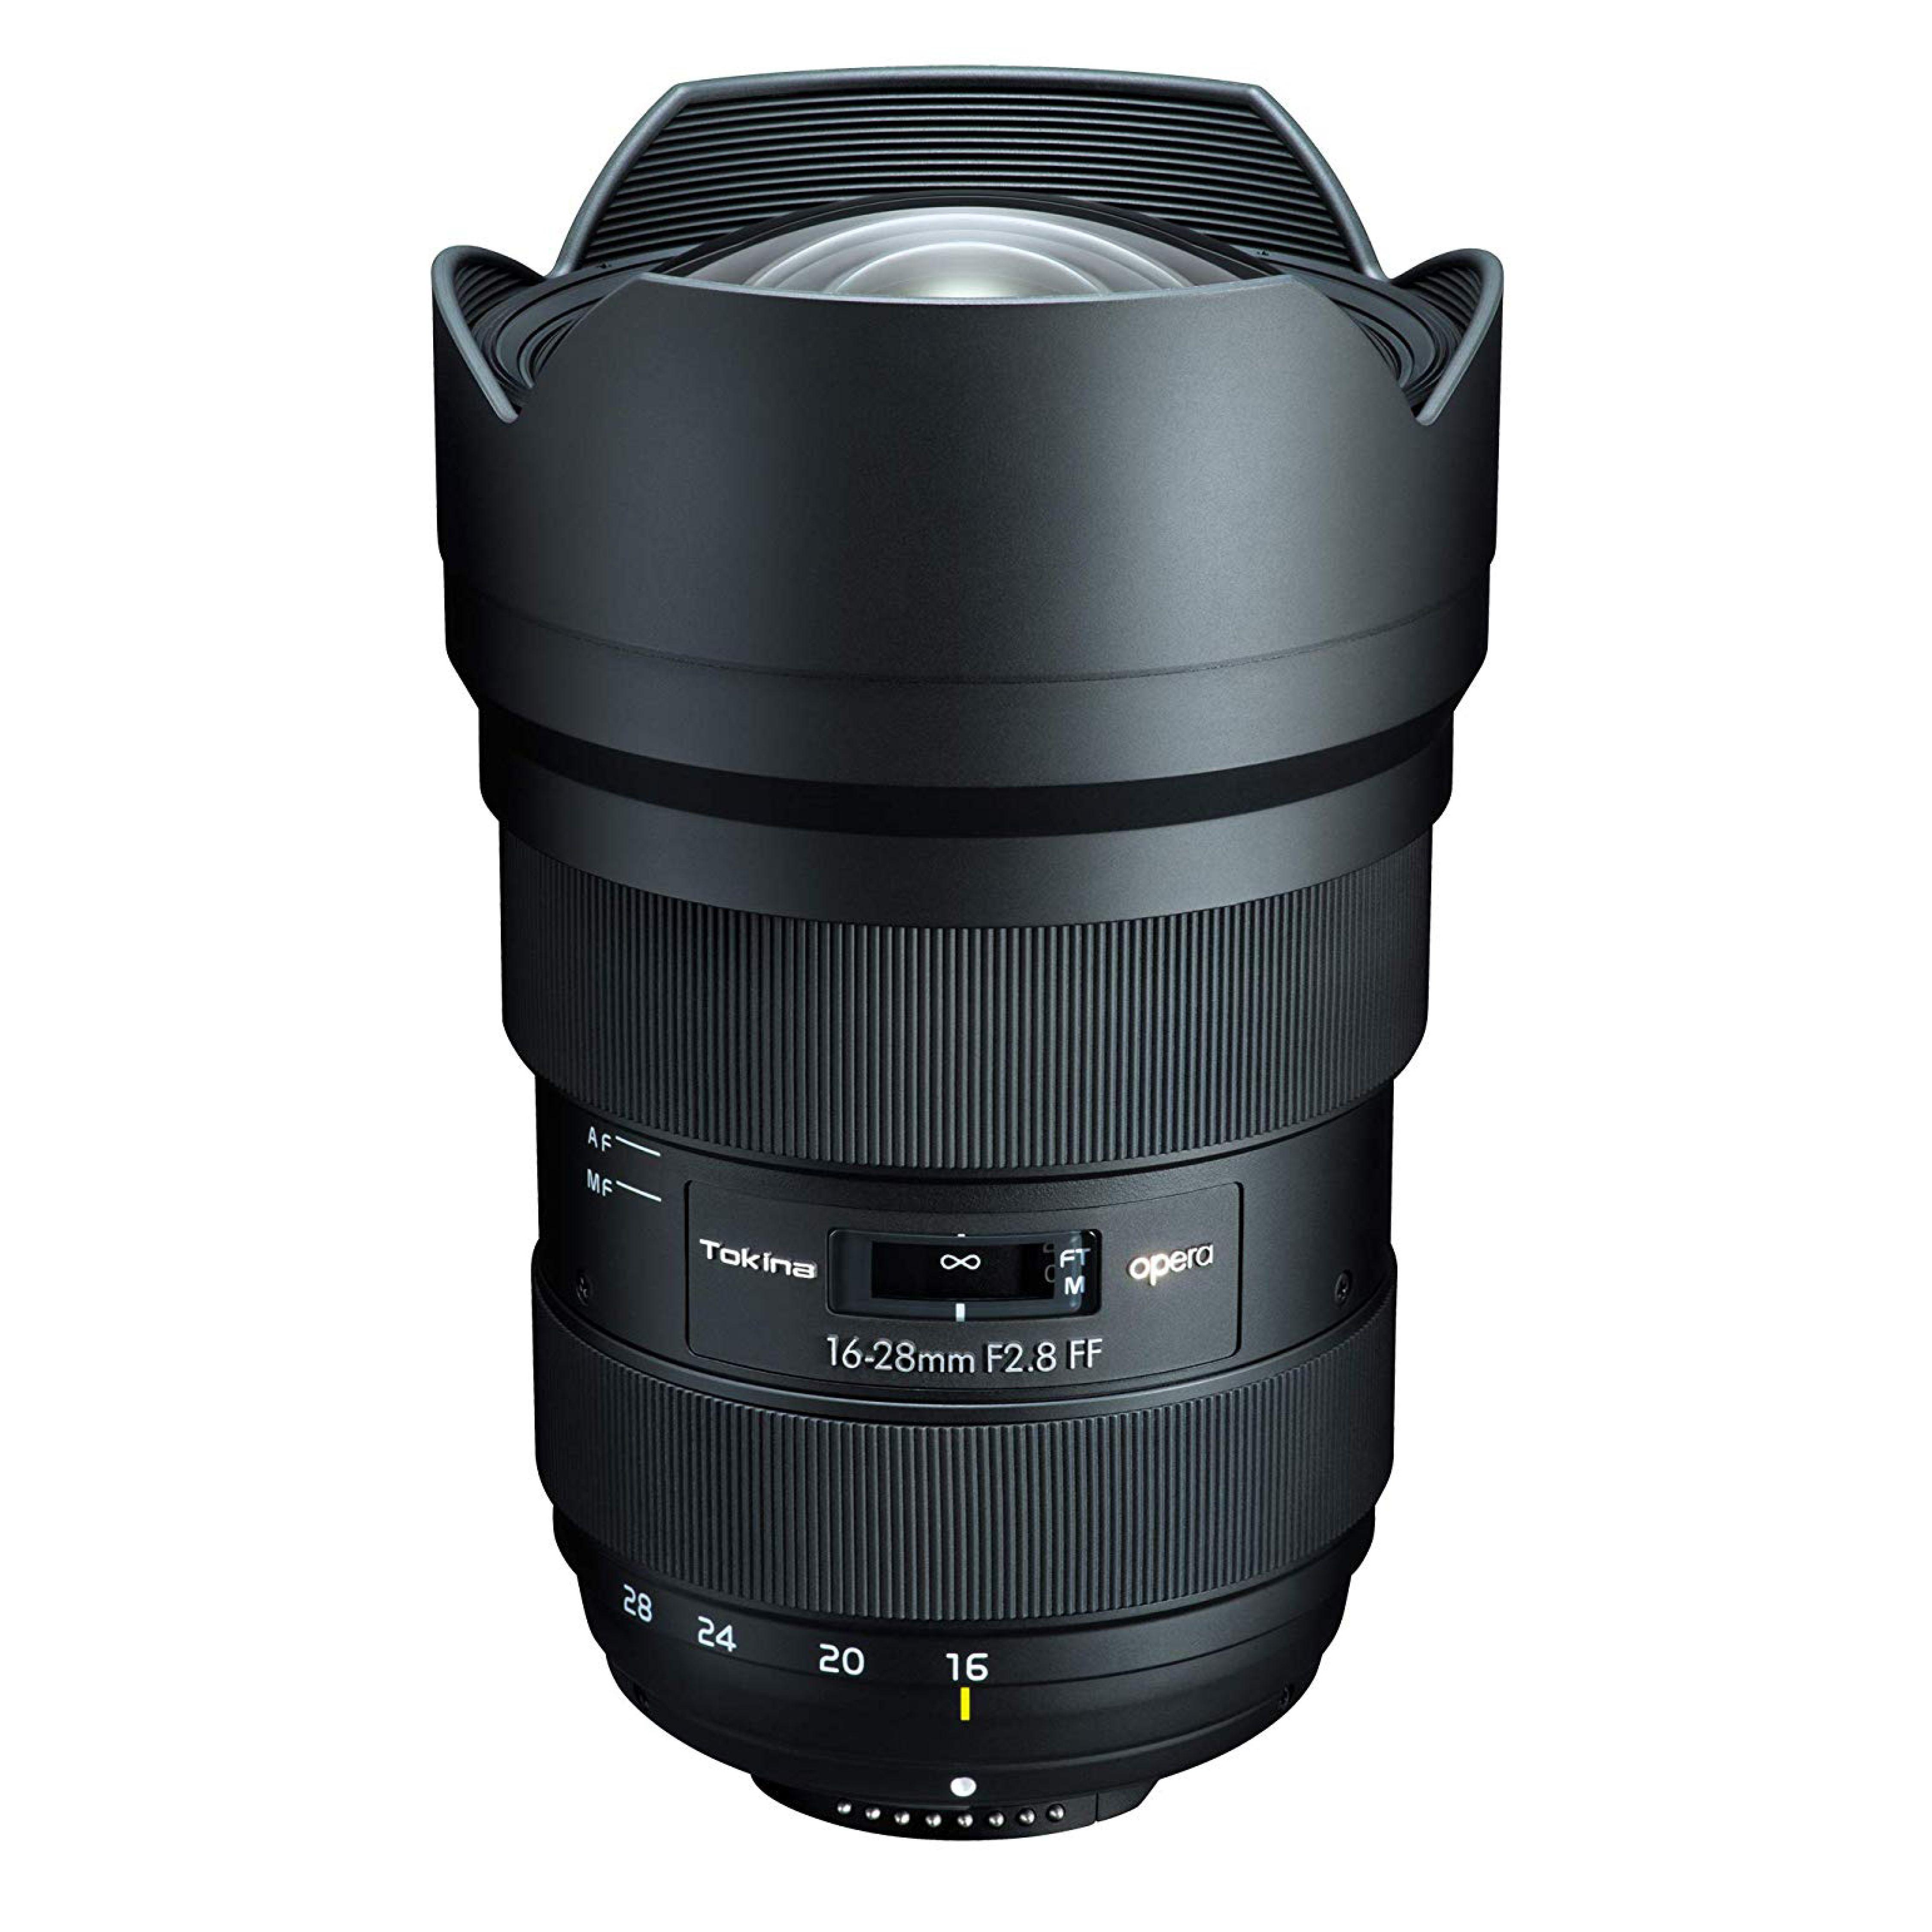 Tokina Opera 16-28mm F2.8 FF : test, prix et fiche technique - Objectif - Les Numériques